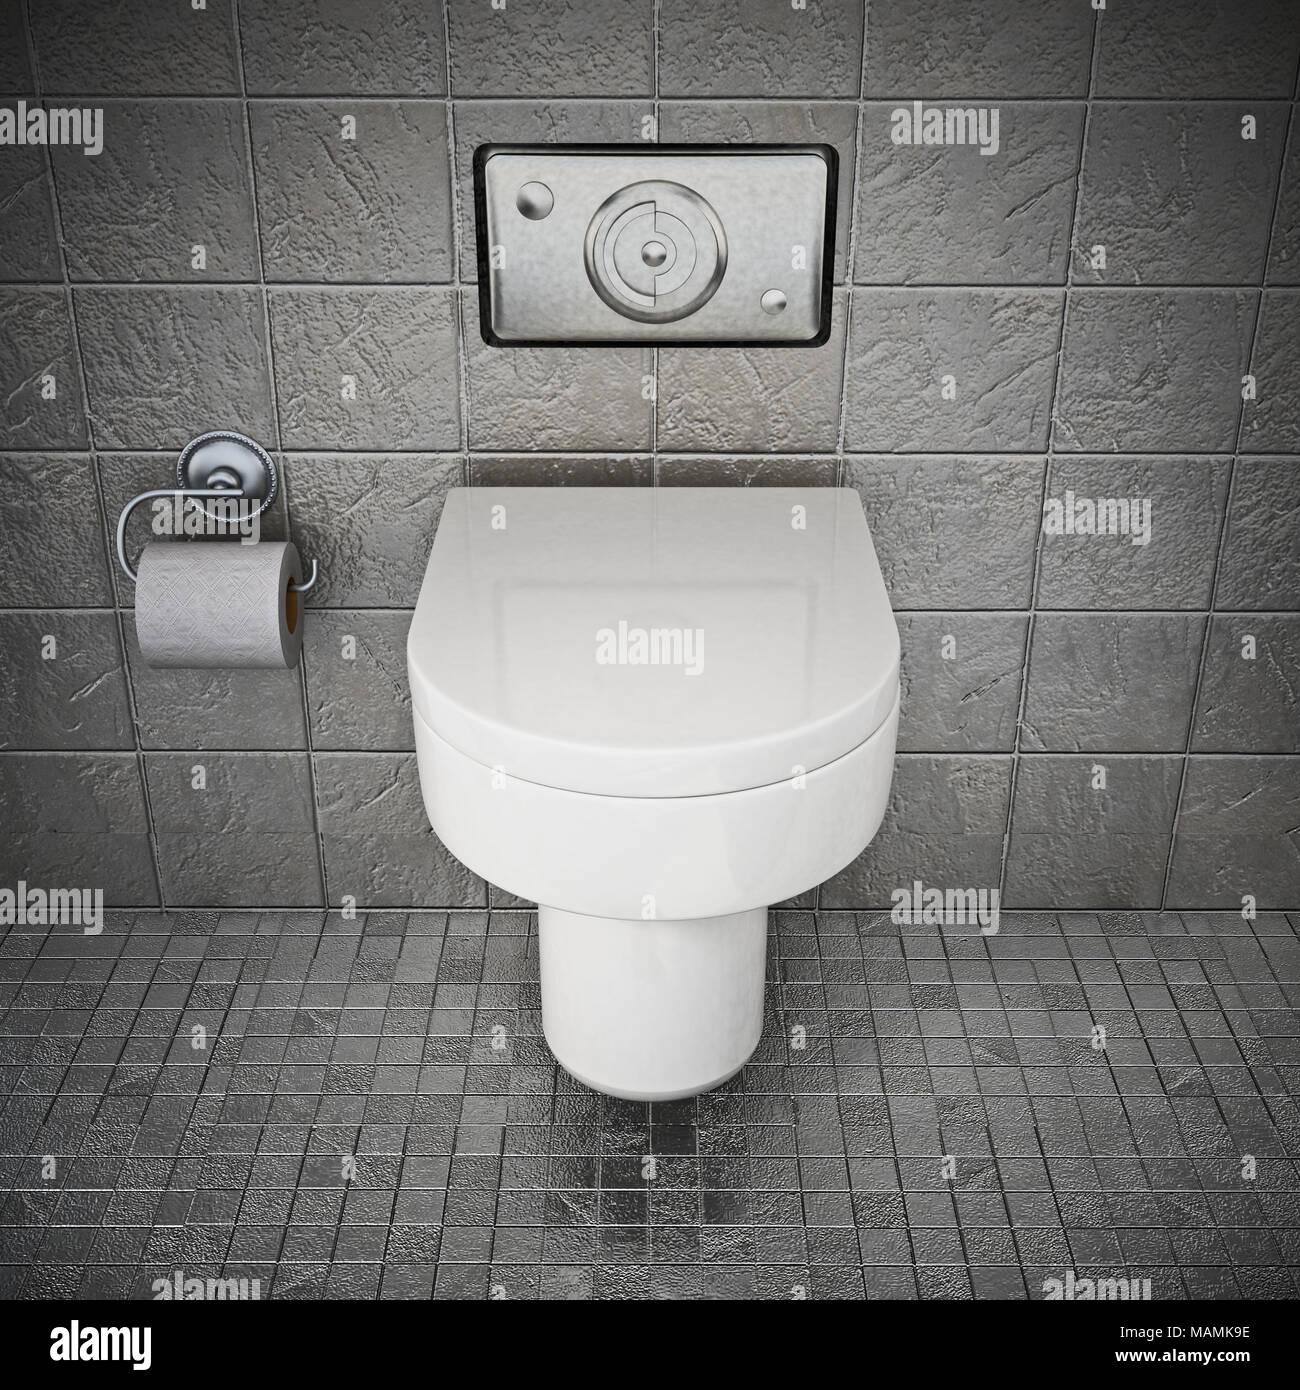 Moderne wc in Toilette mit grauen Steinen bedeckt. 3D ...